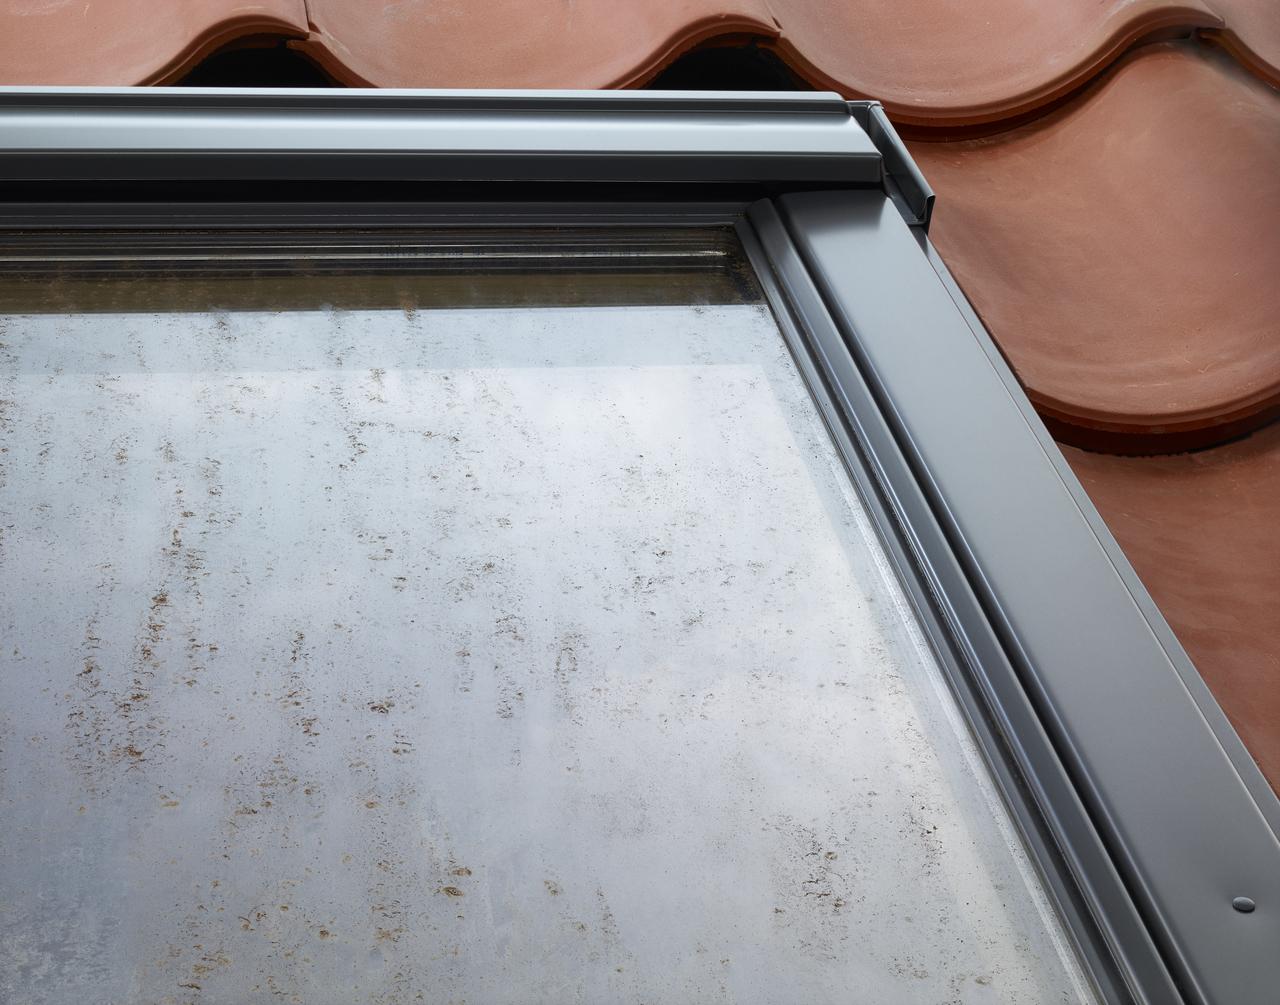 finestra sporca